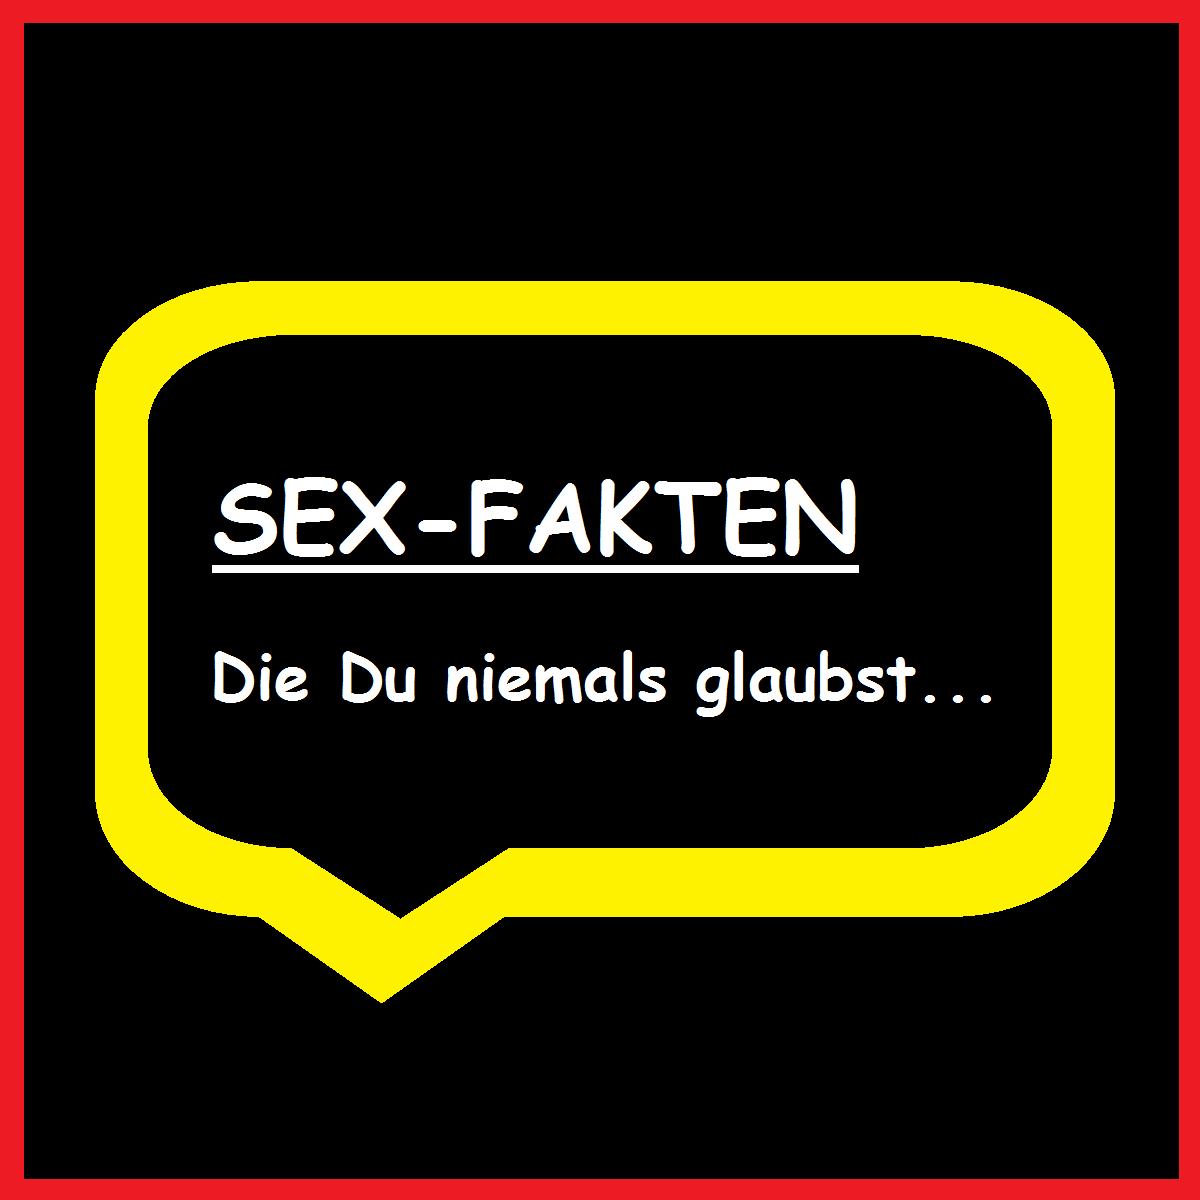 Escort Tjejer I Sverige Gratis Datingsida